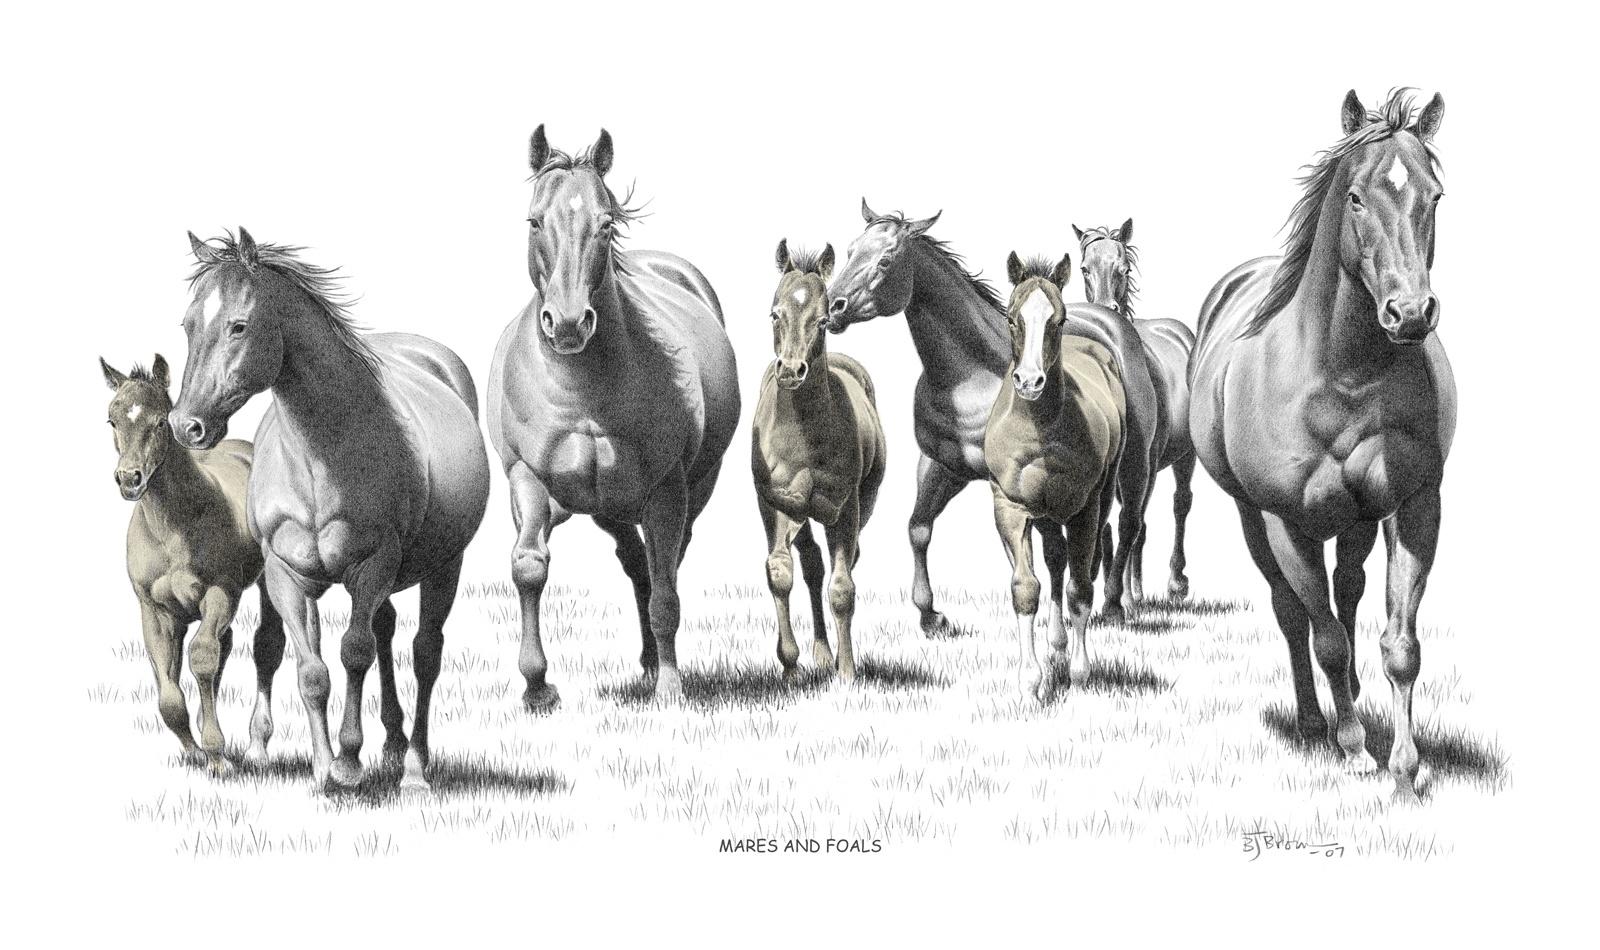 u0026quot mares and foals u0026quot